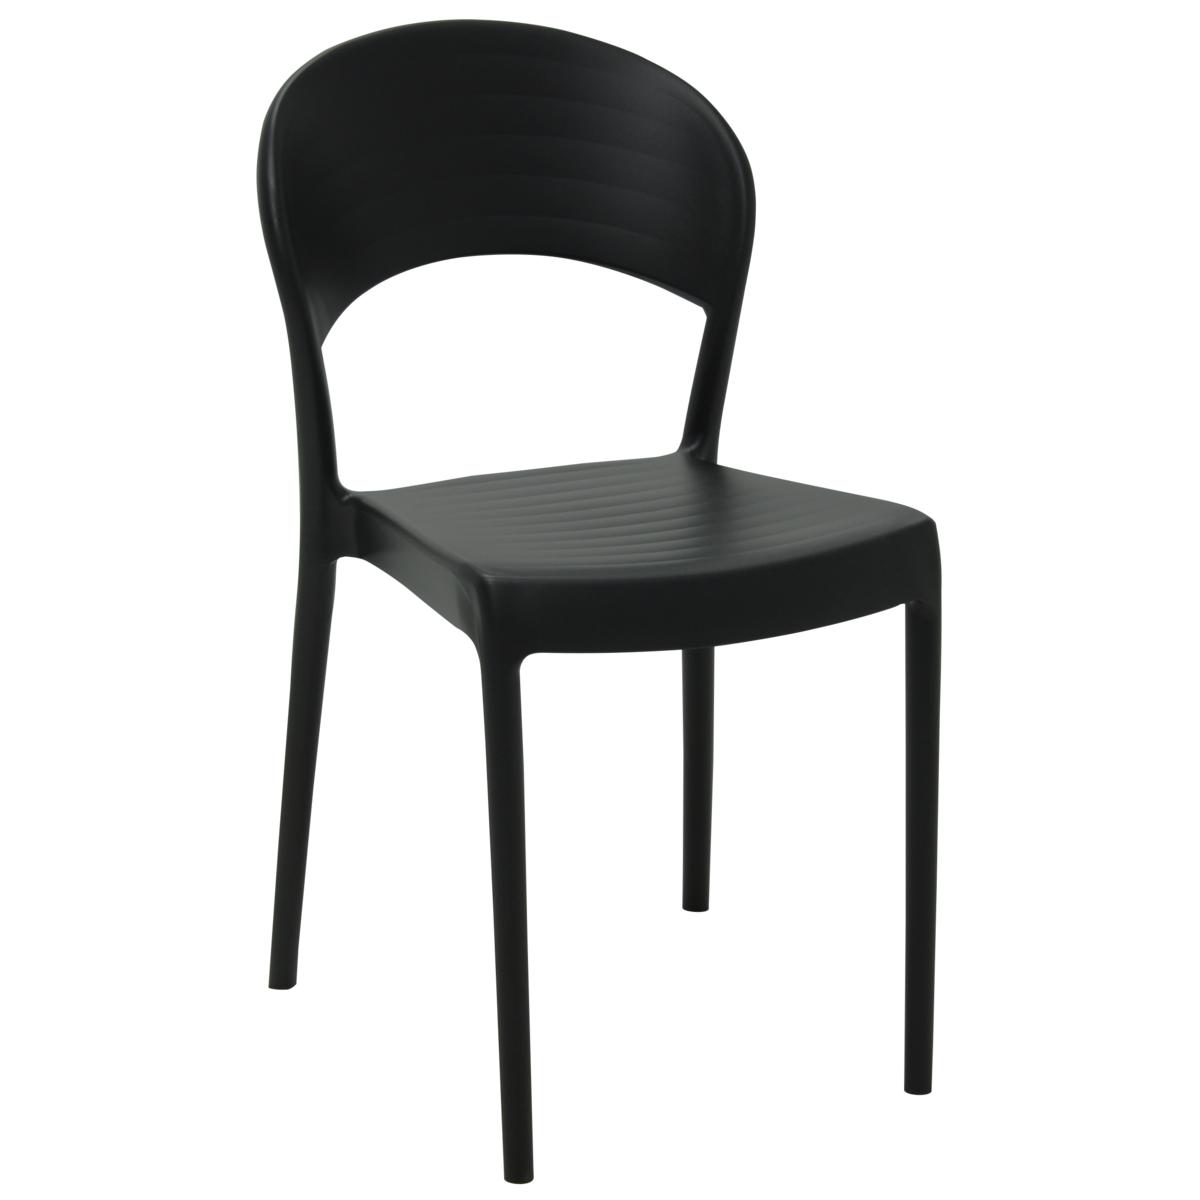 Cadeira Tramontina Sissi Encosto Fechado ECO Preto 92046/409 1 Peça  - Casa Mattos